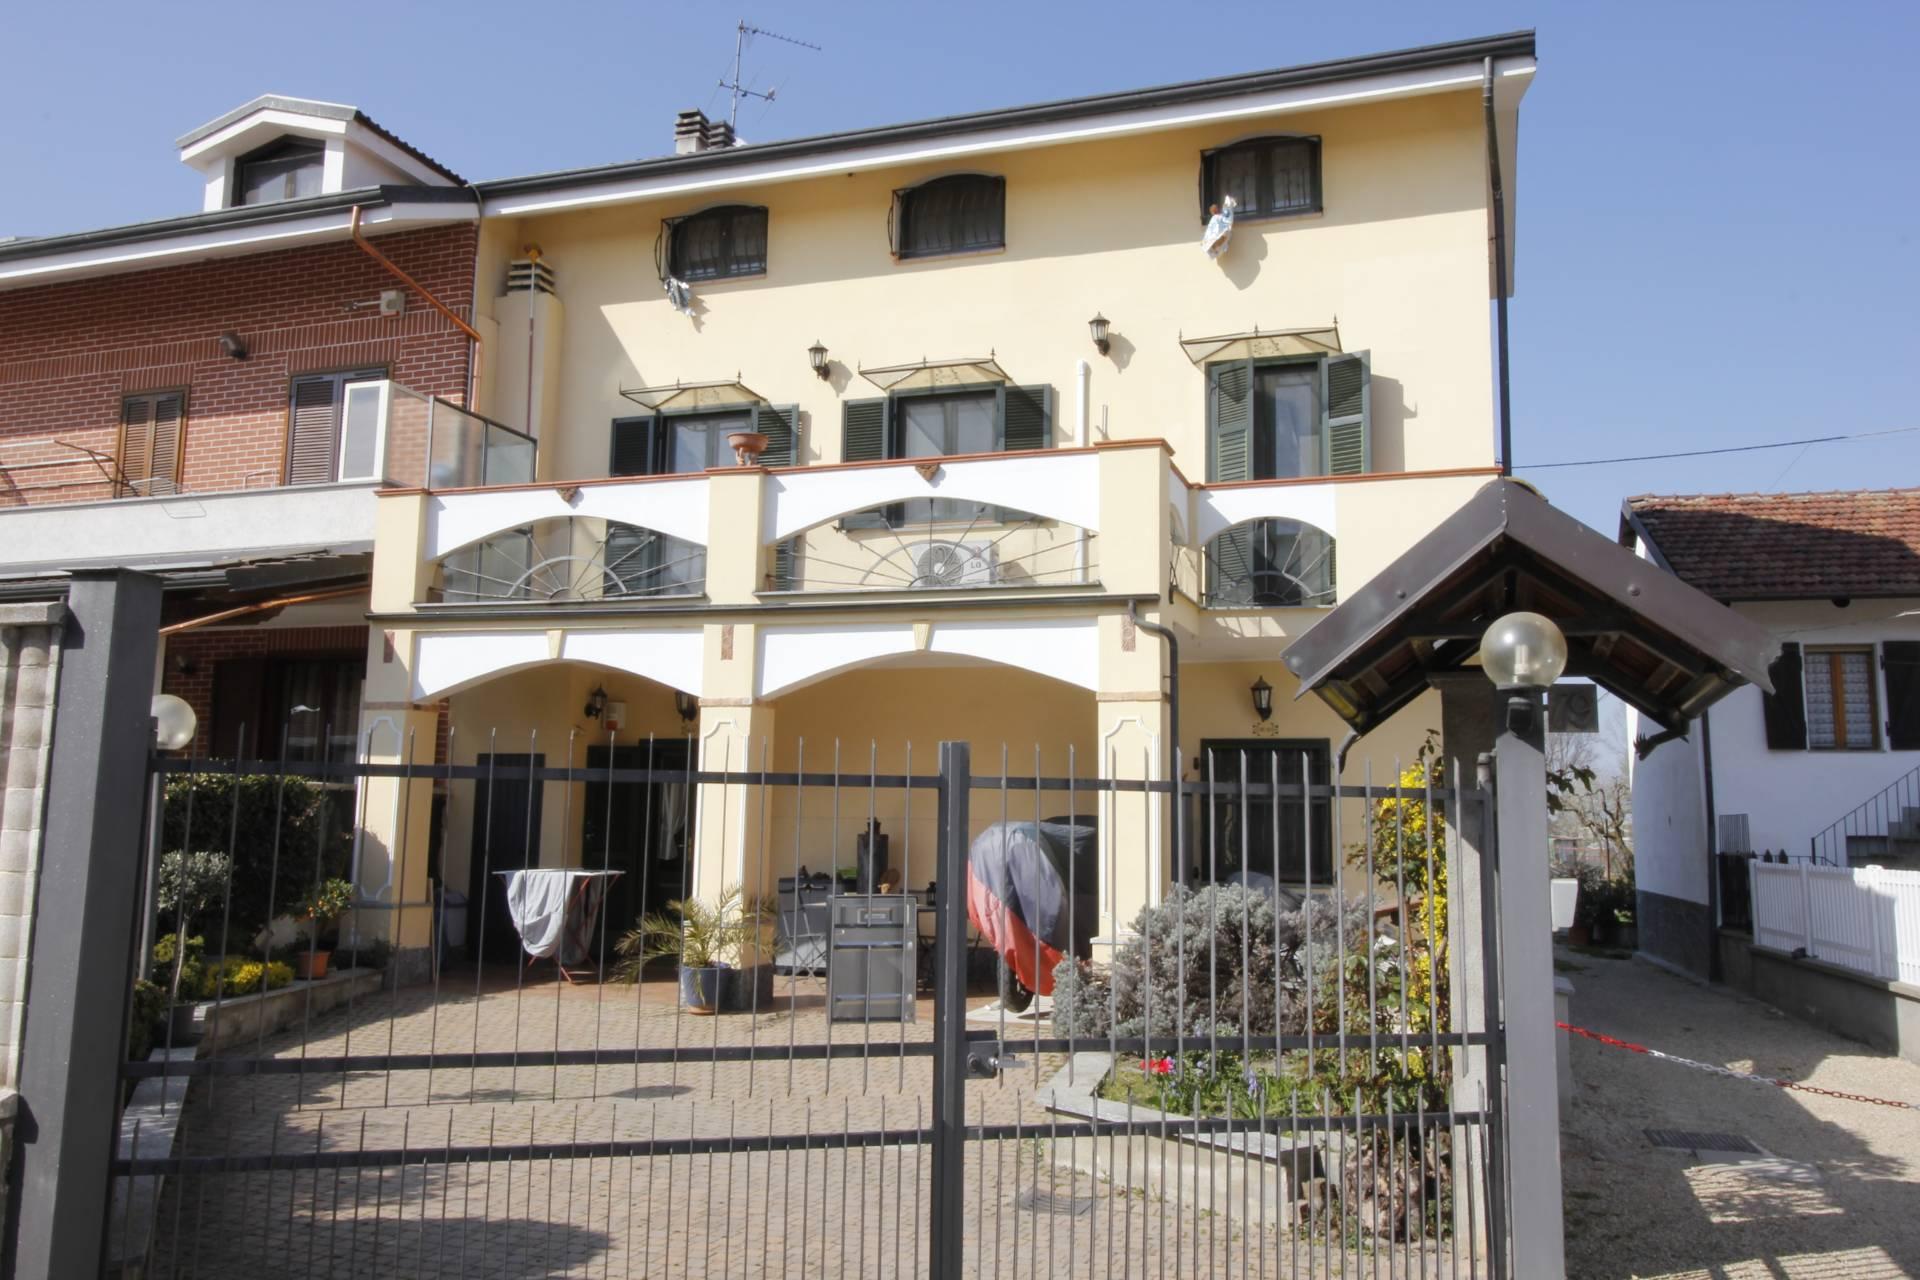 Soluzione Semindipendente in vendita a Vinovo, 10 locali, prezzo € 459.000 | PortaleAgenzieImmobiliari.it